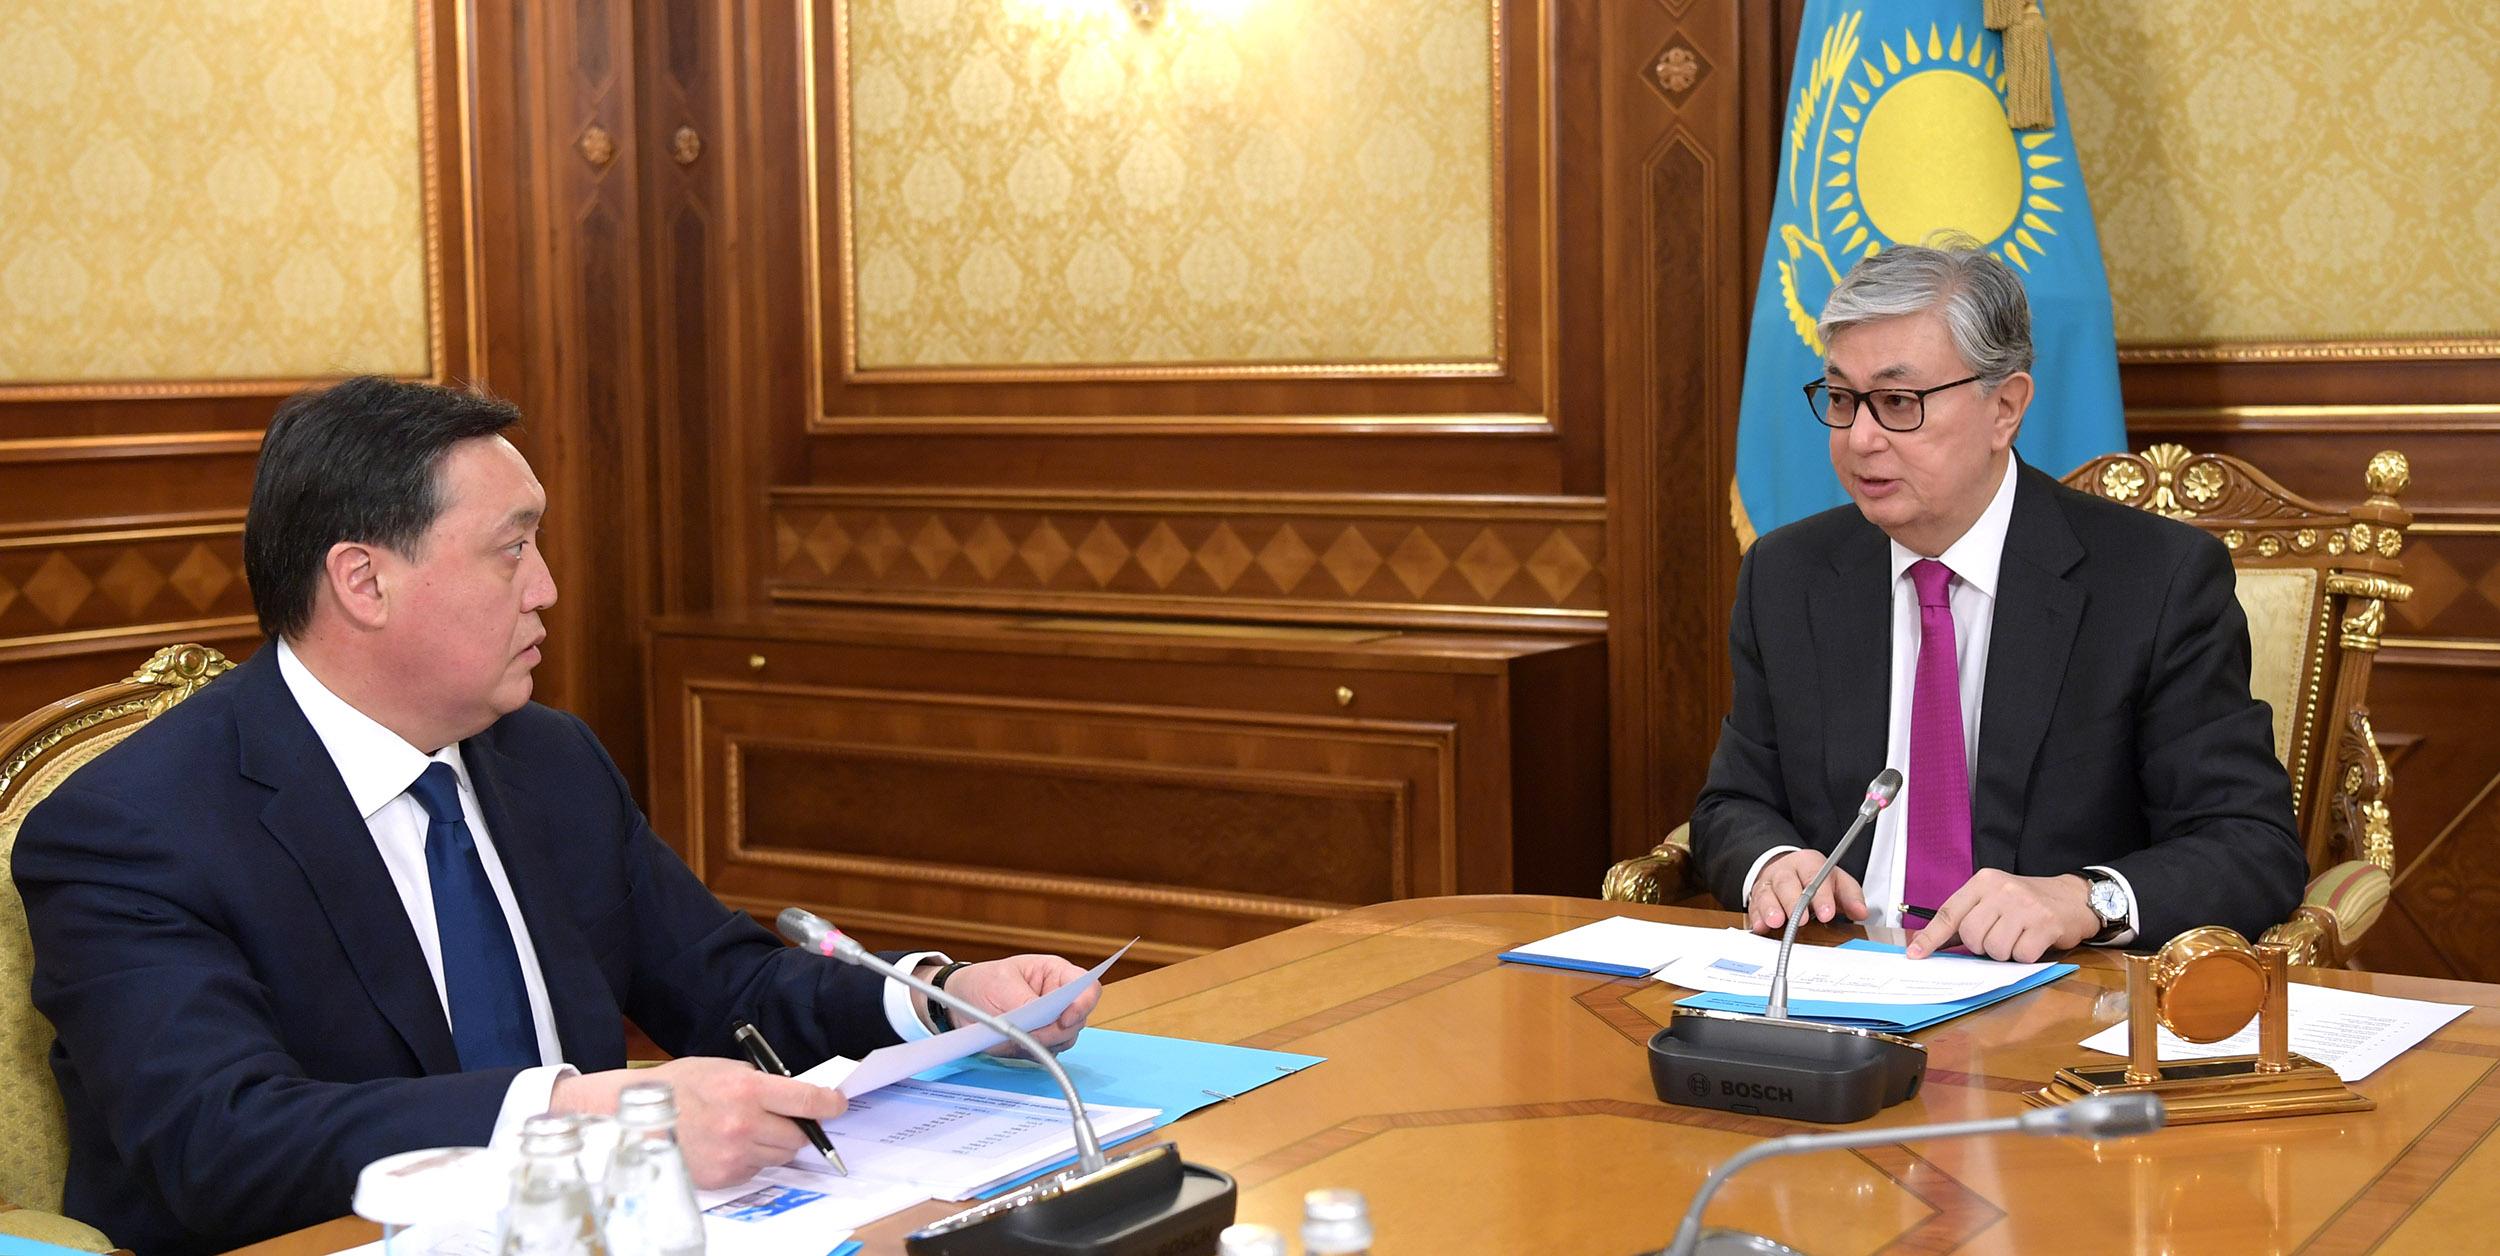 Касым-Жомарт Токаев поручил премьер-министру обеспечить качественную реализацию реформ в рамках плана нации